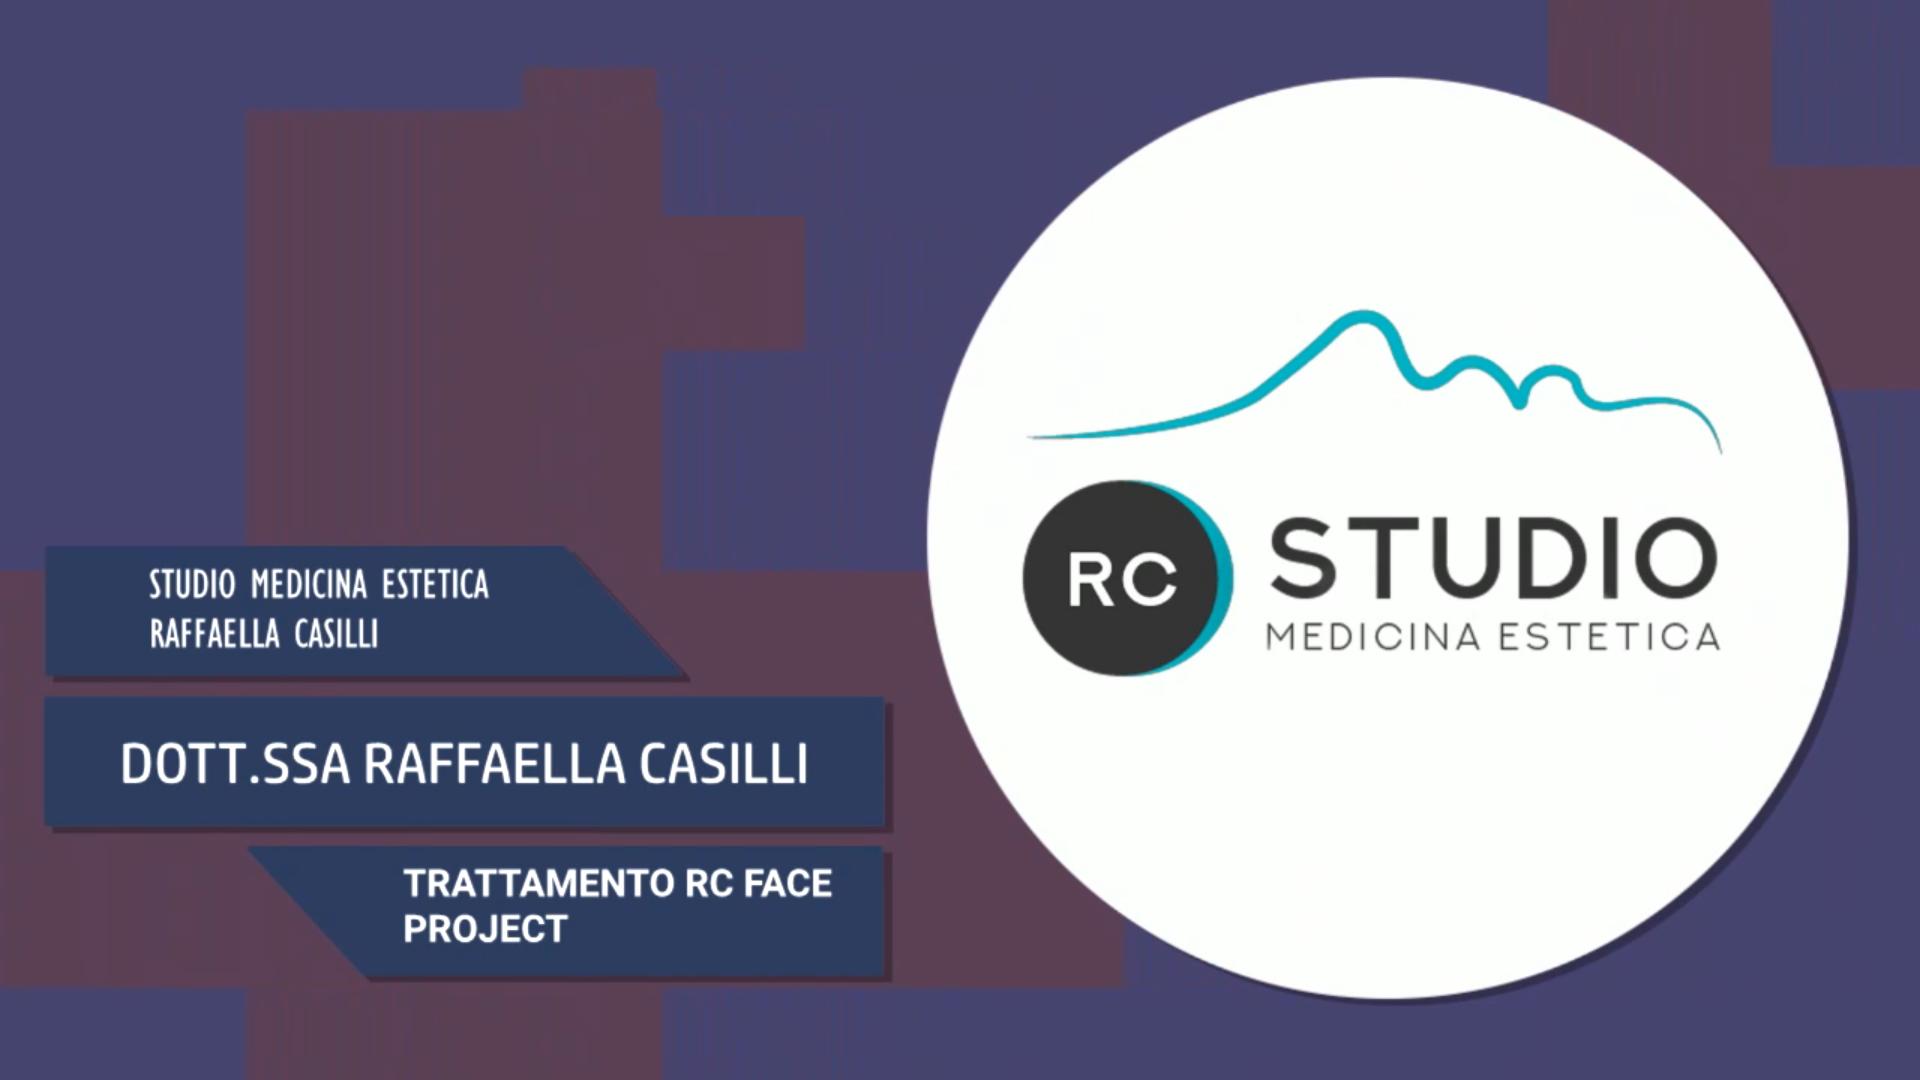 Intervista alla Dott.ssa Raffaella Casilli – Trattamento RC Face Project